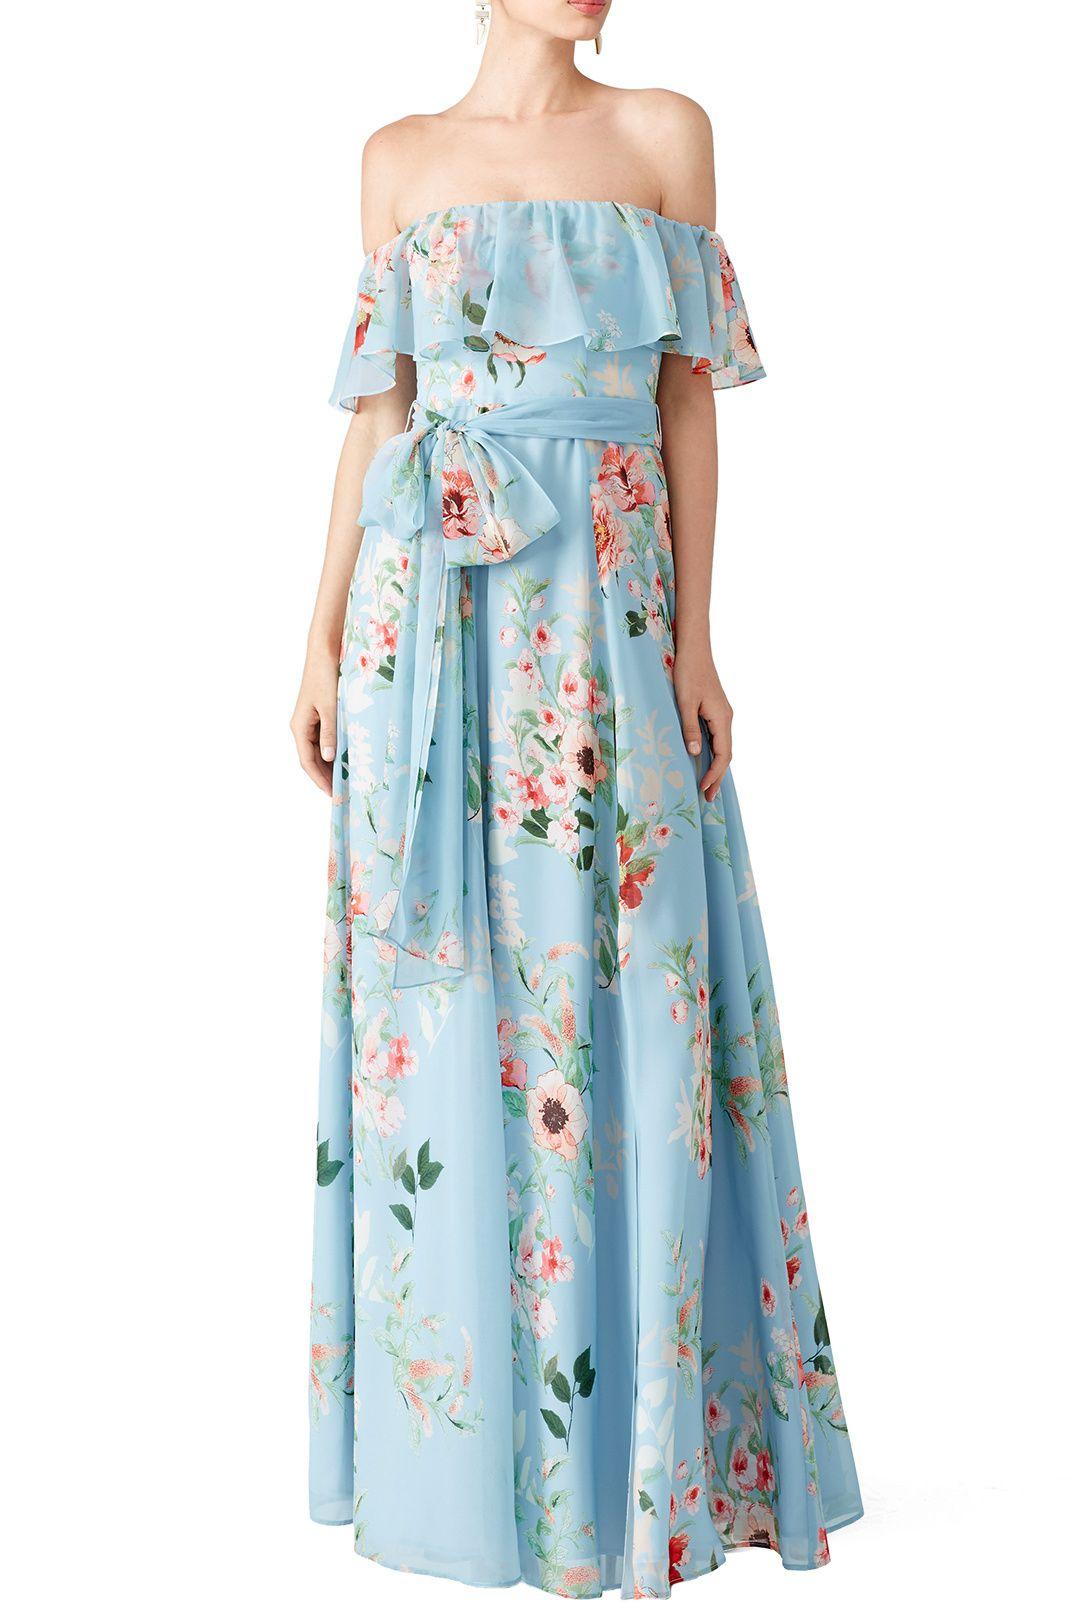 Floral Carmen Maxi | Summer weddings, Floral maxi dress and Floral maxi